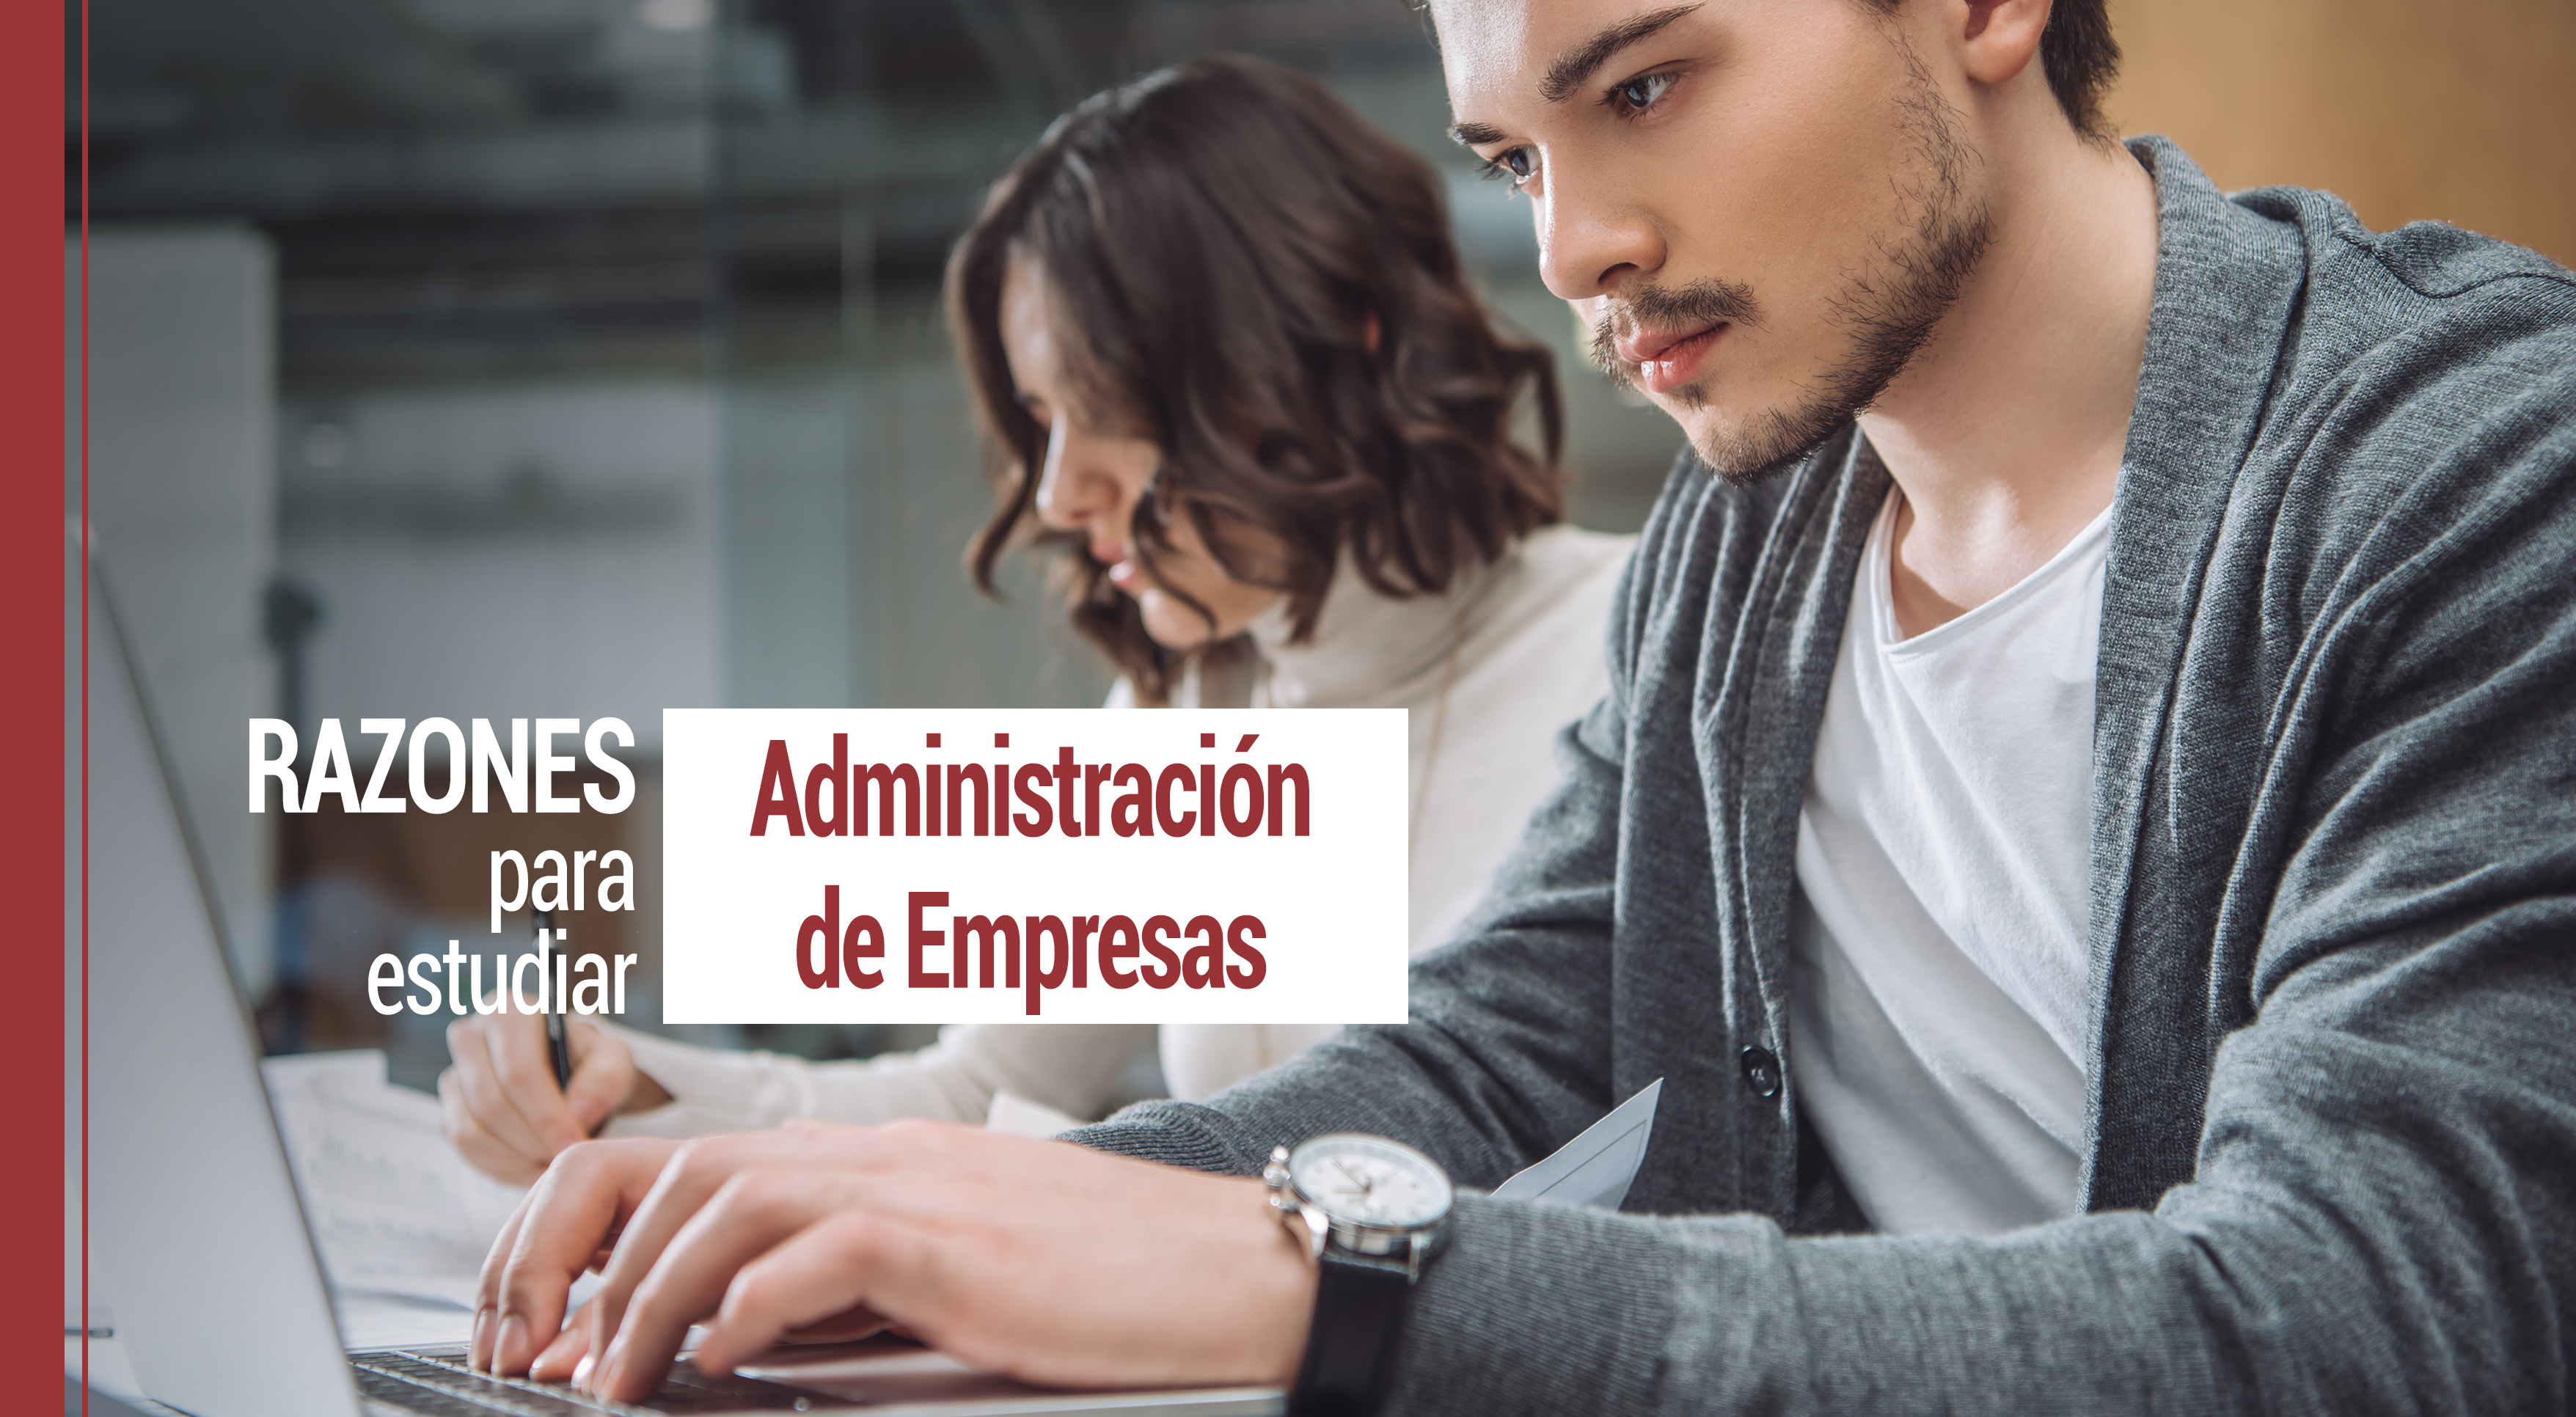 10-razones-estudiar-administracion-de-empresas 10 razones para estudiar administración de empresas